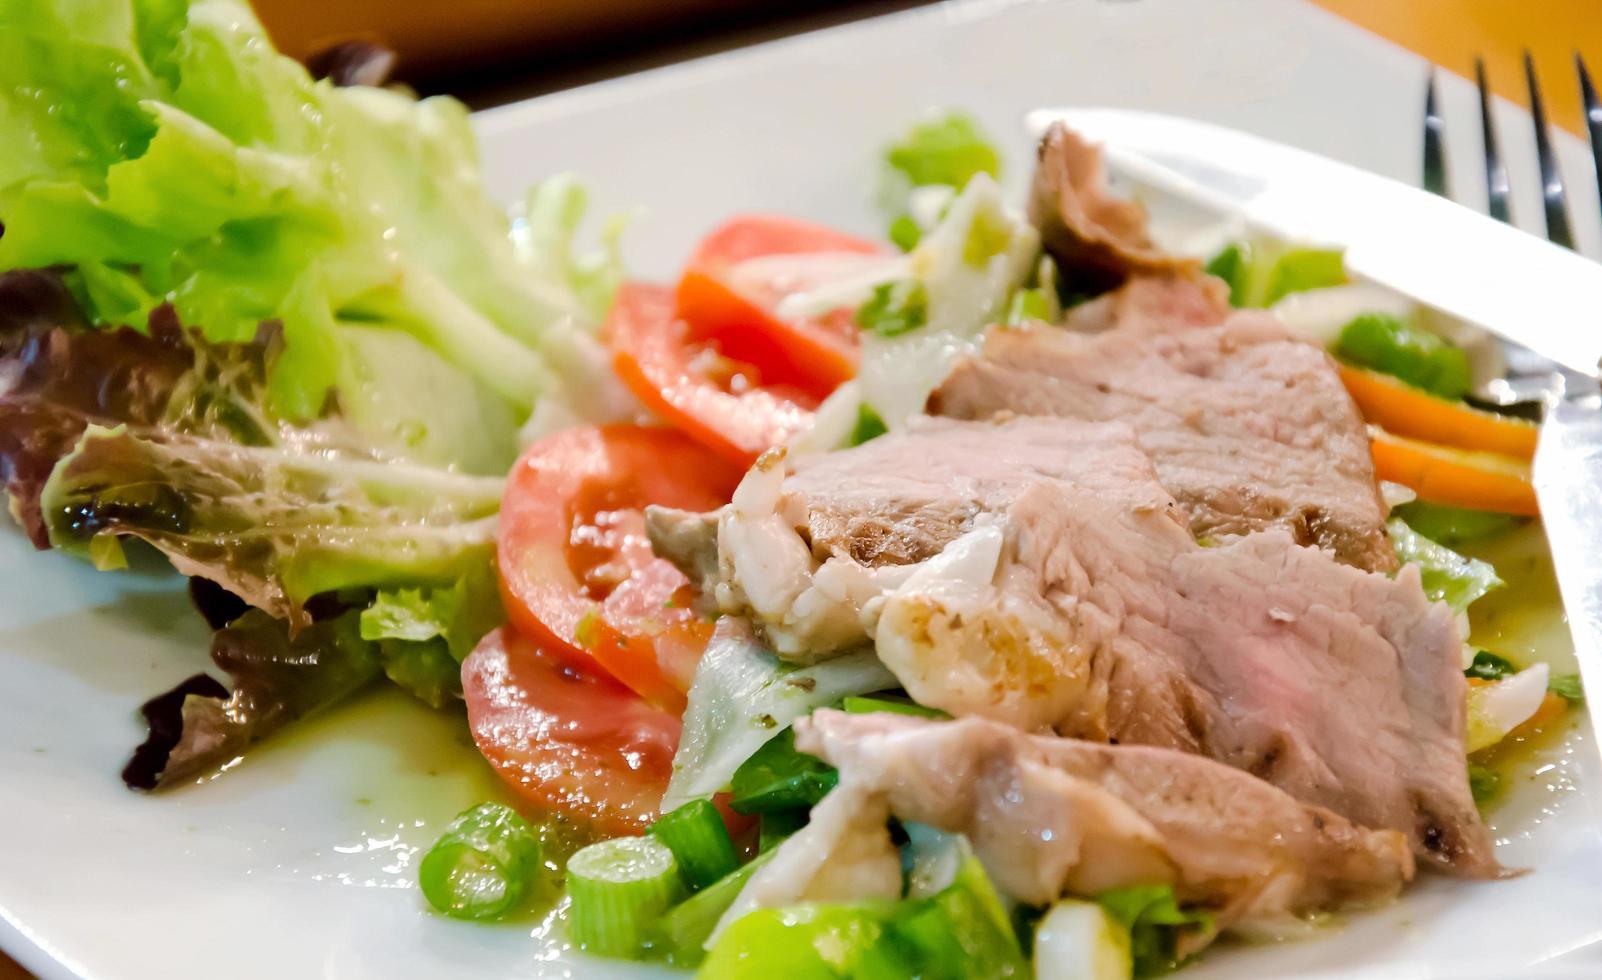 biefstuk maaltijd foto